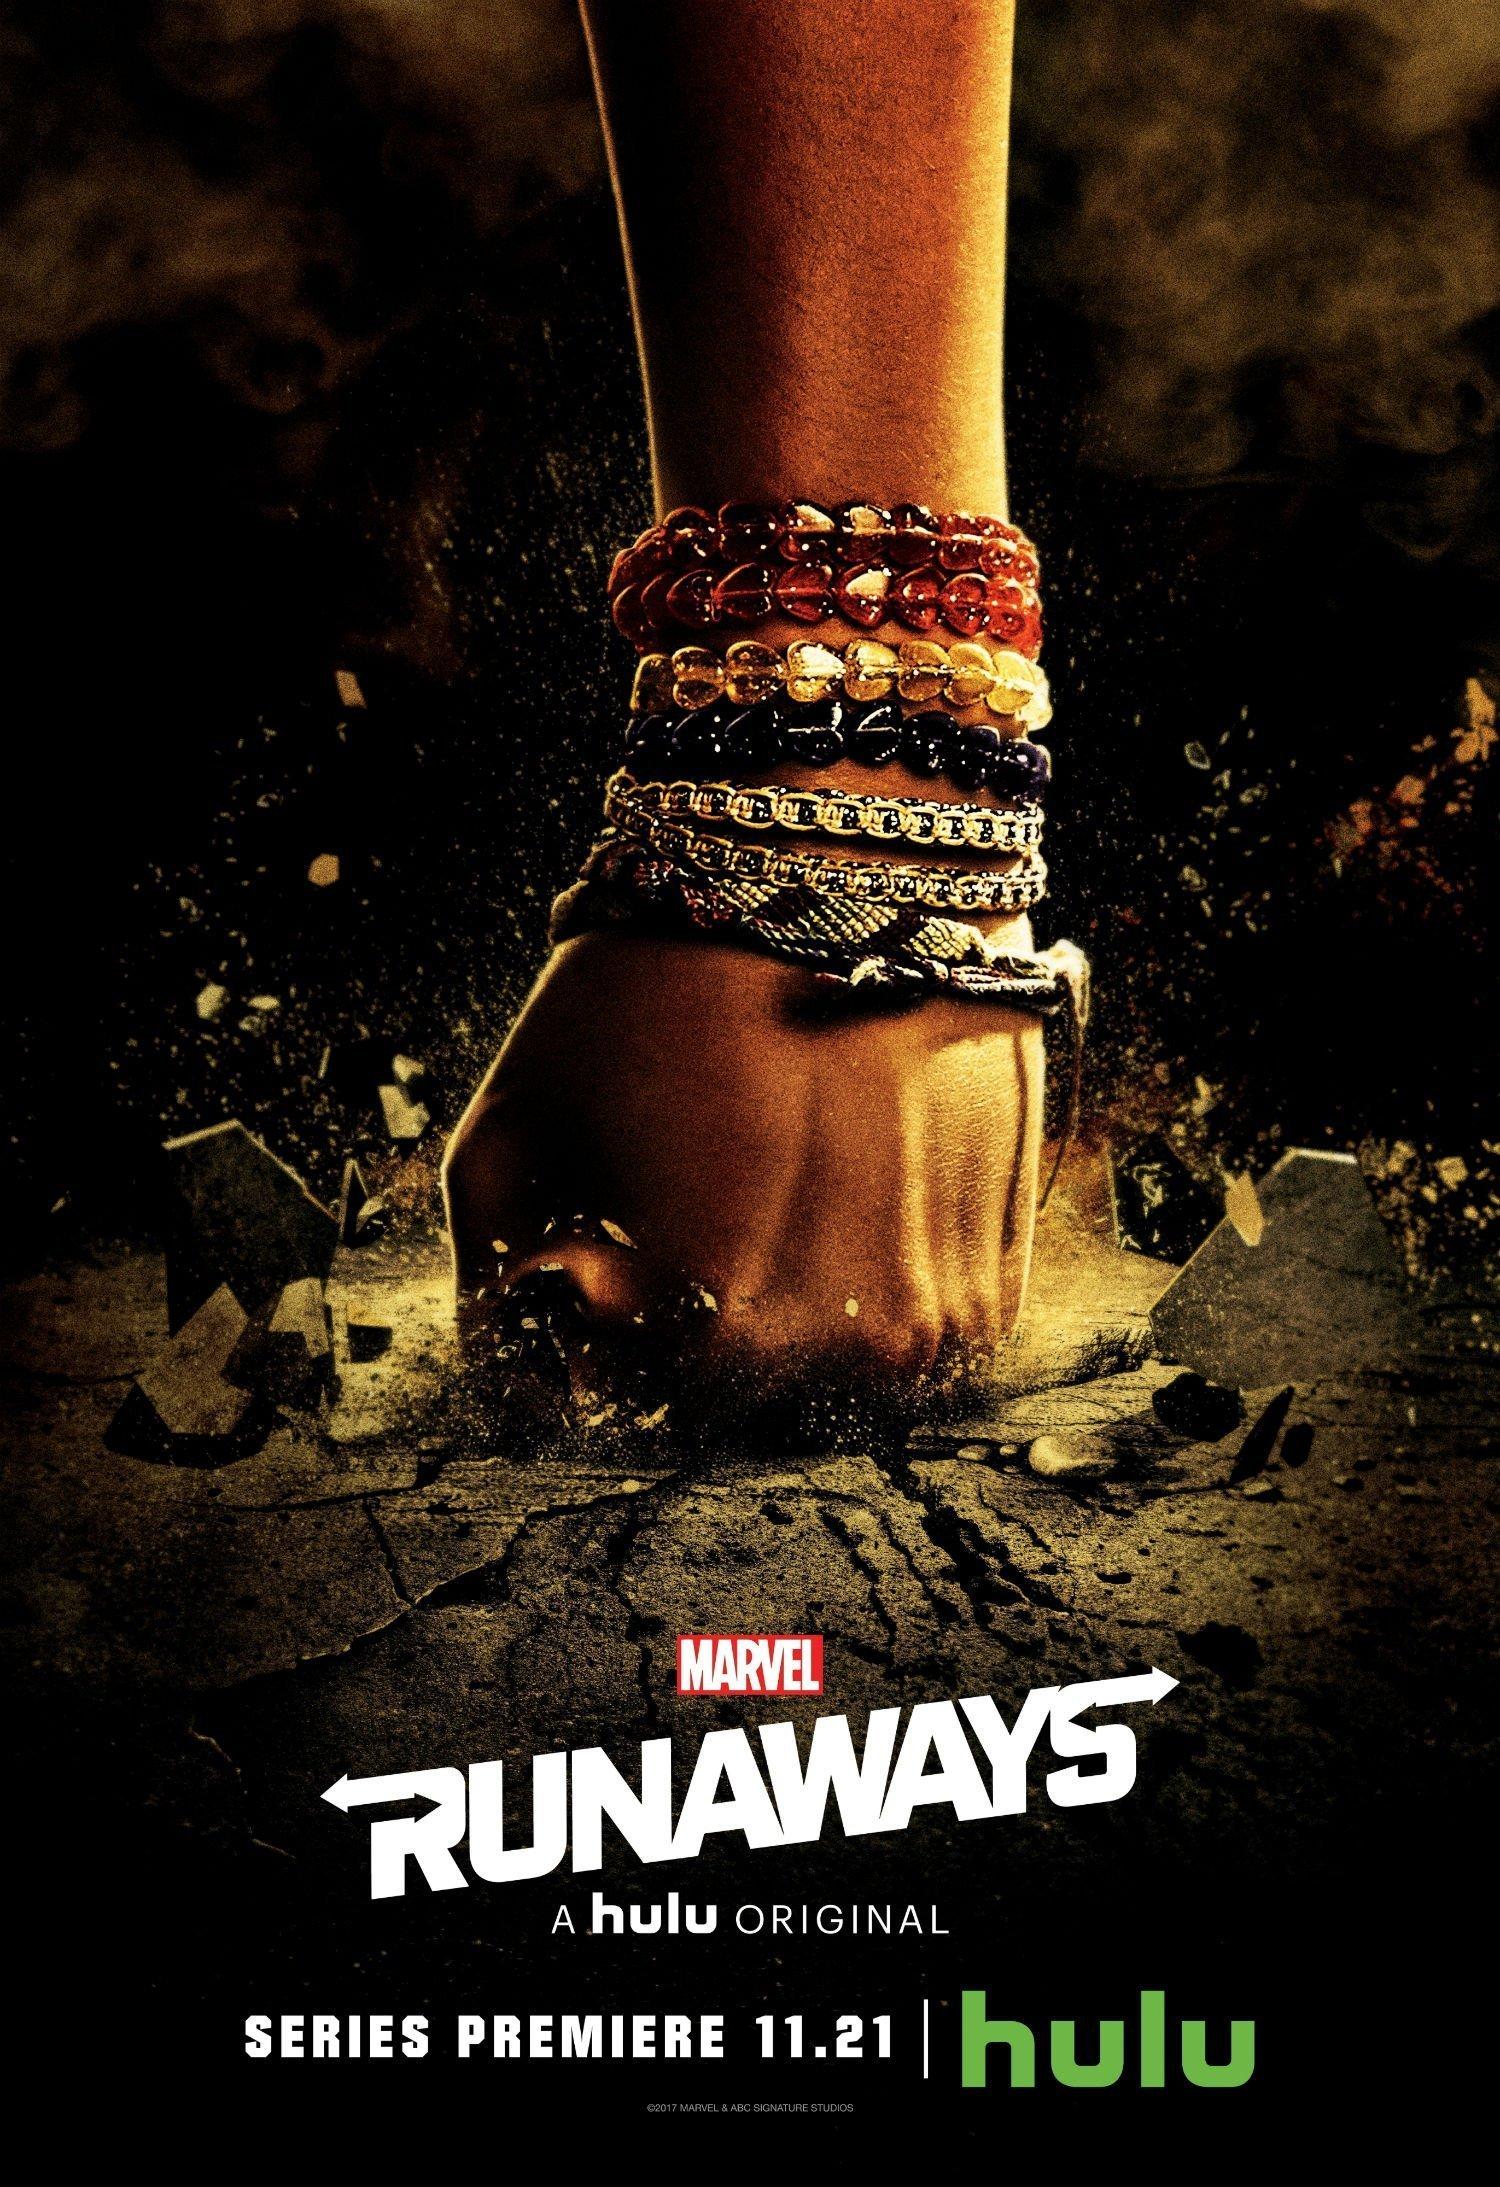 Poster de la saison 1 de Runaways avec le poing de Molly Hernandez